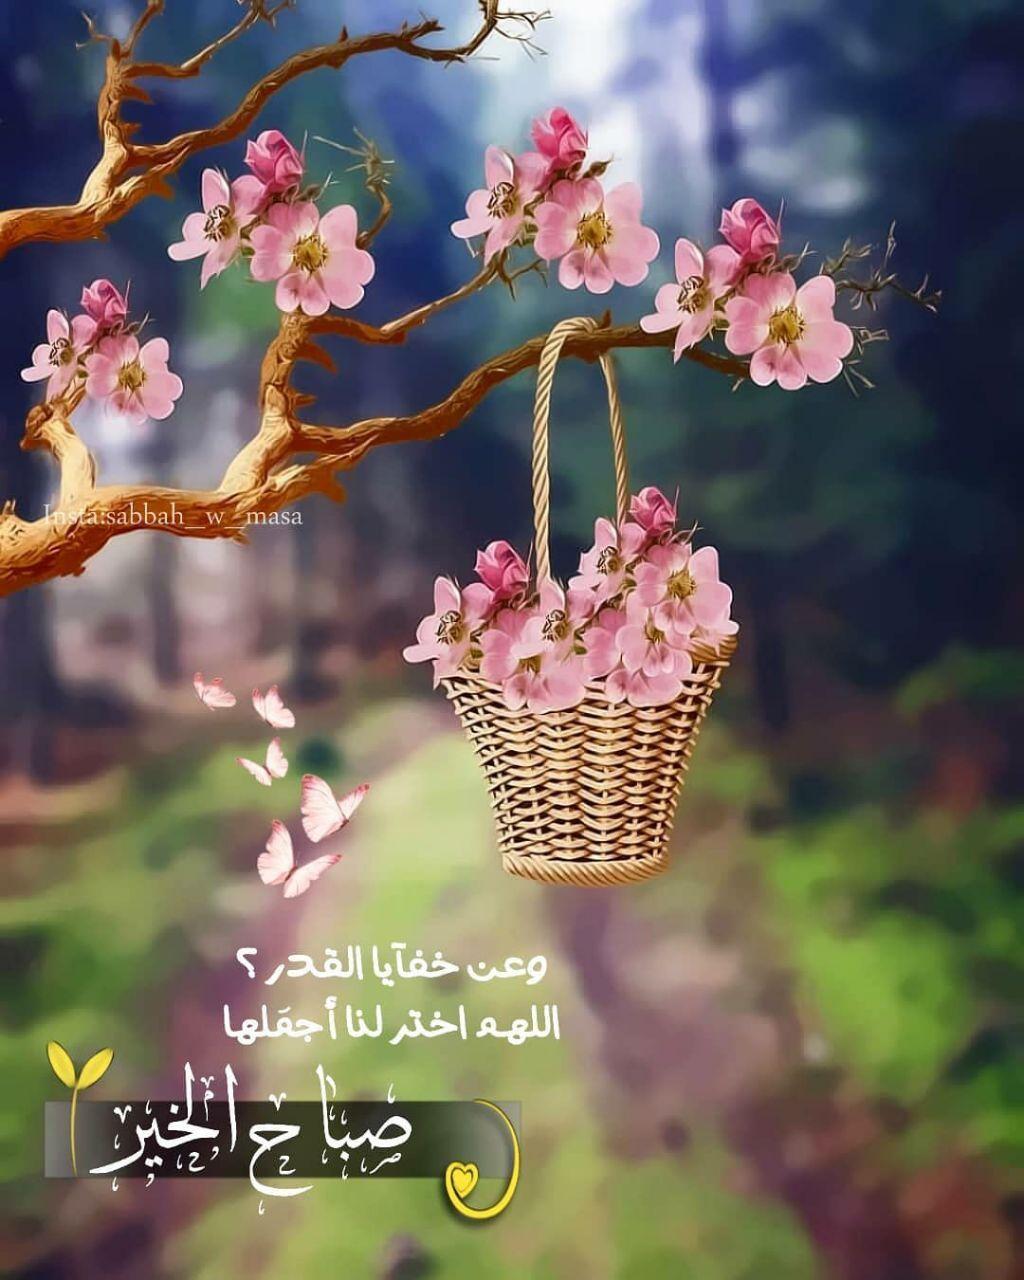 شادي كبة On Twitter In 2021 Flower Girl Photos Beautiful Quotes About Allah Paris Flowers